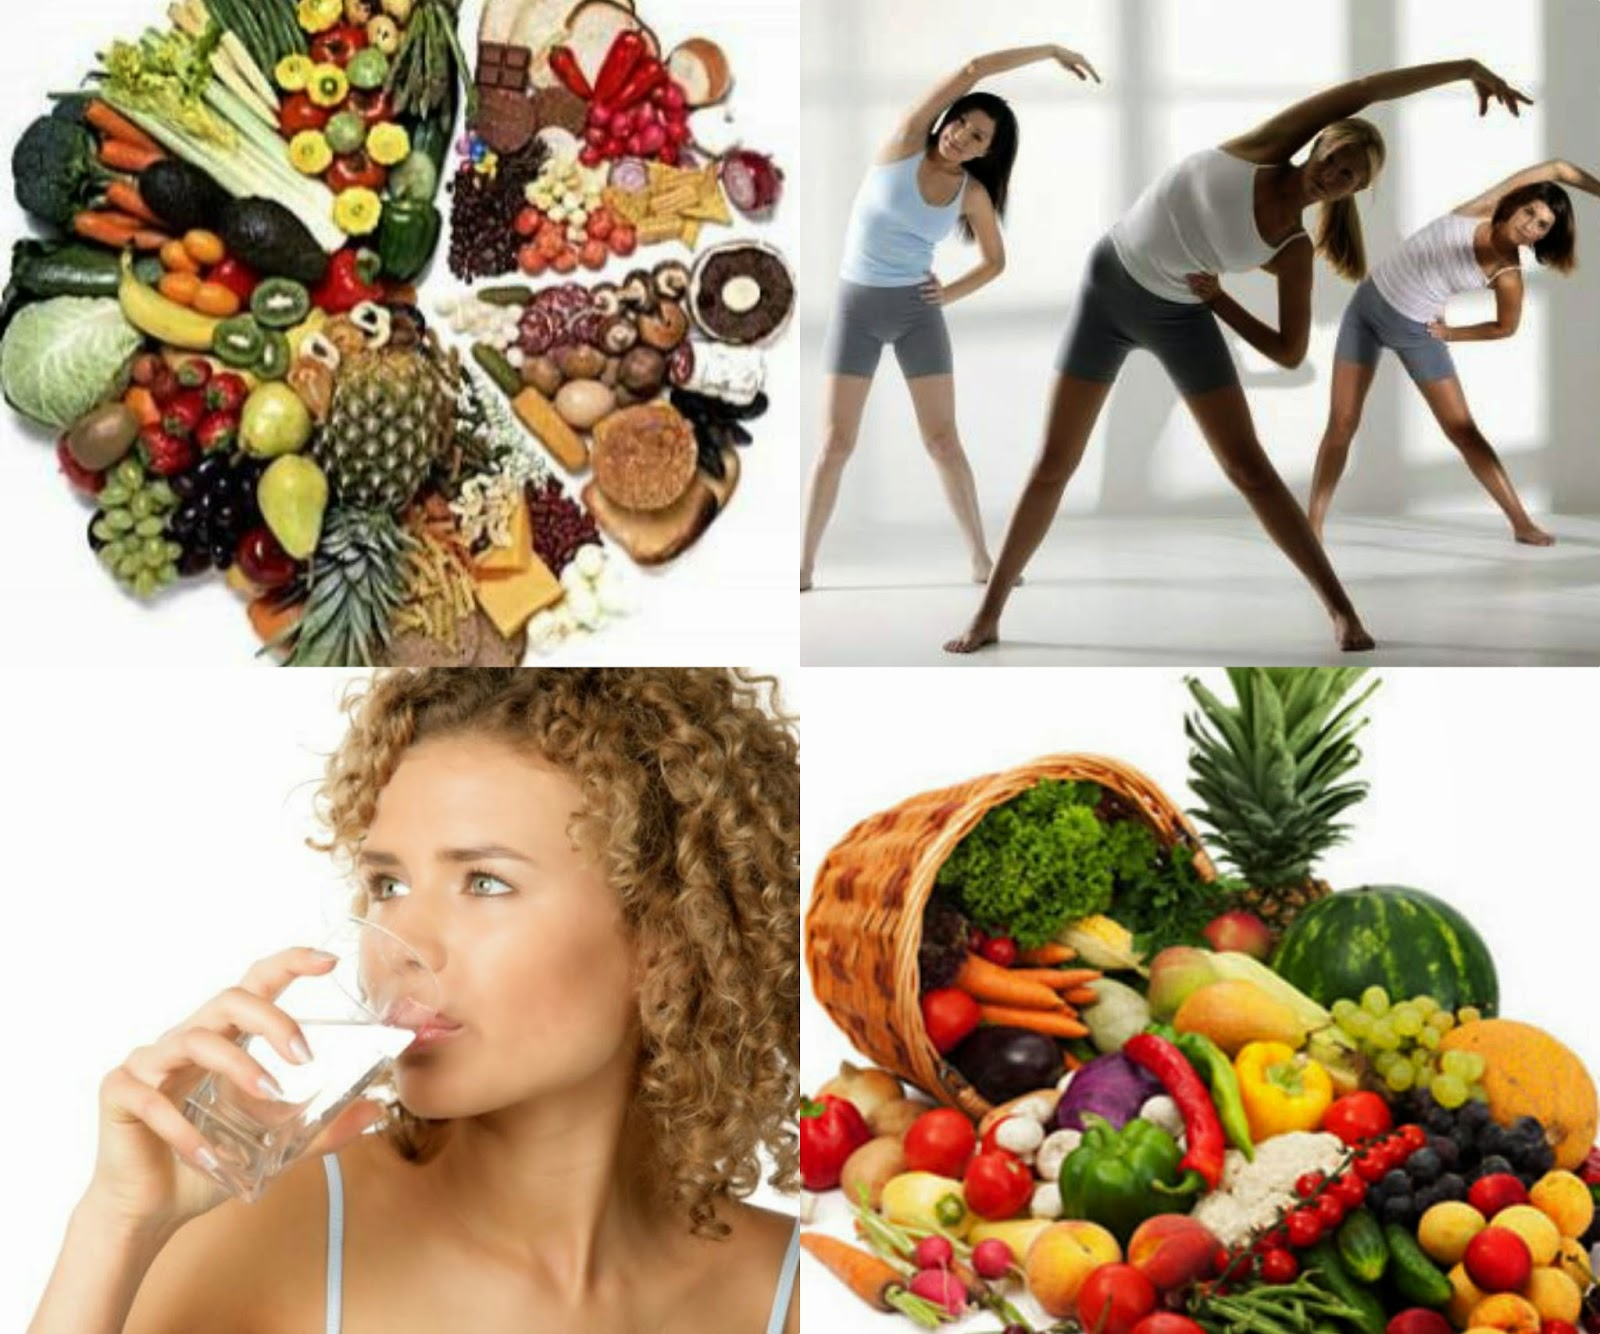 perdere peso dimagrendo in modo sano